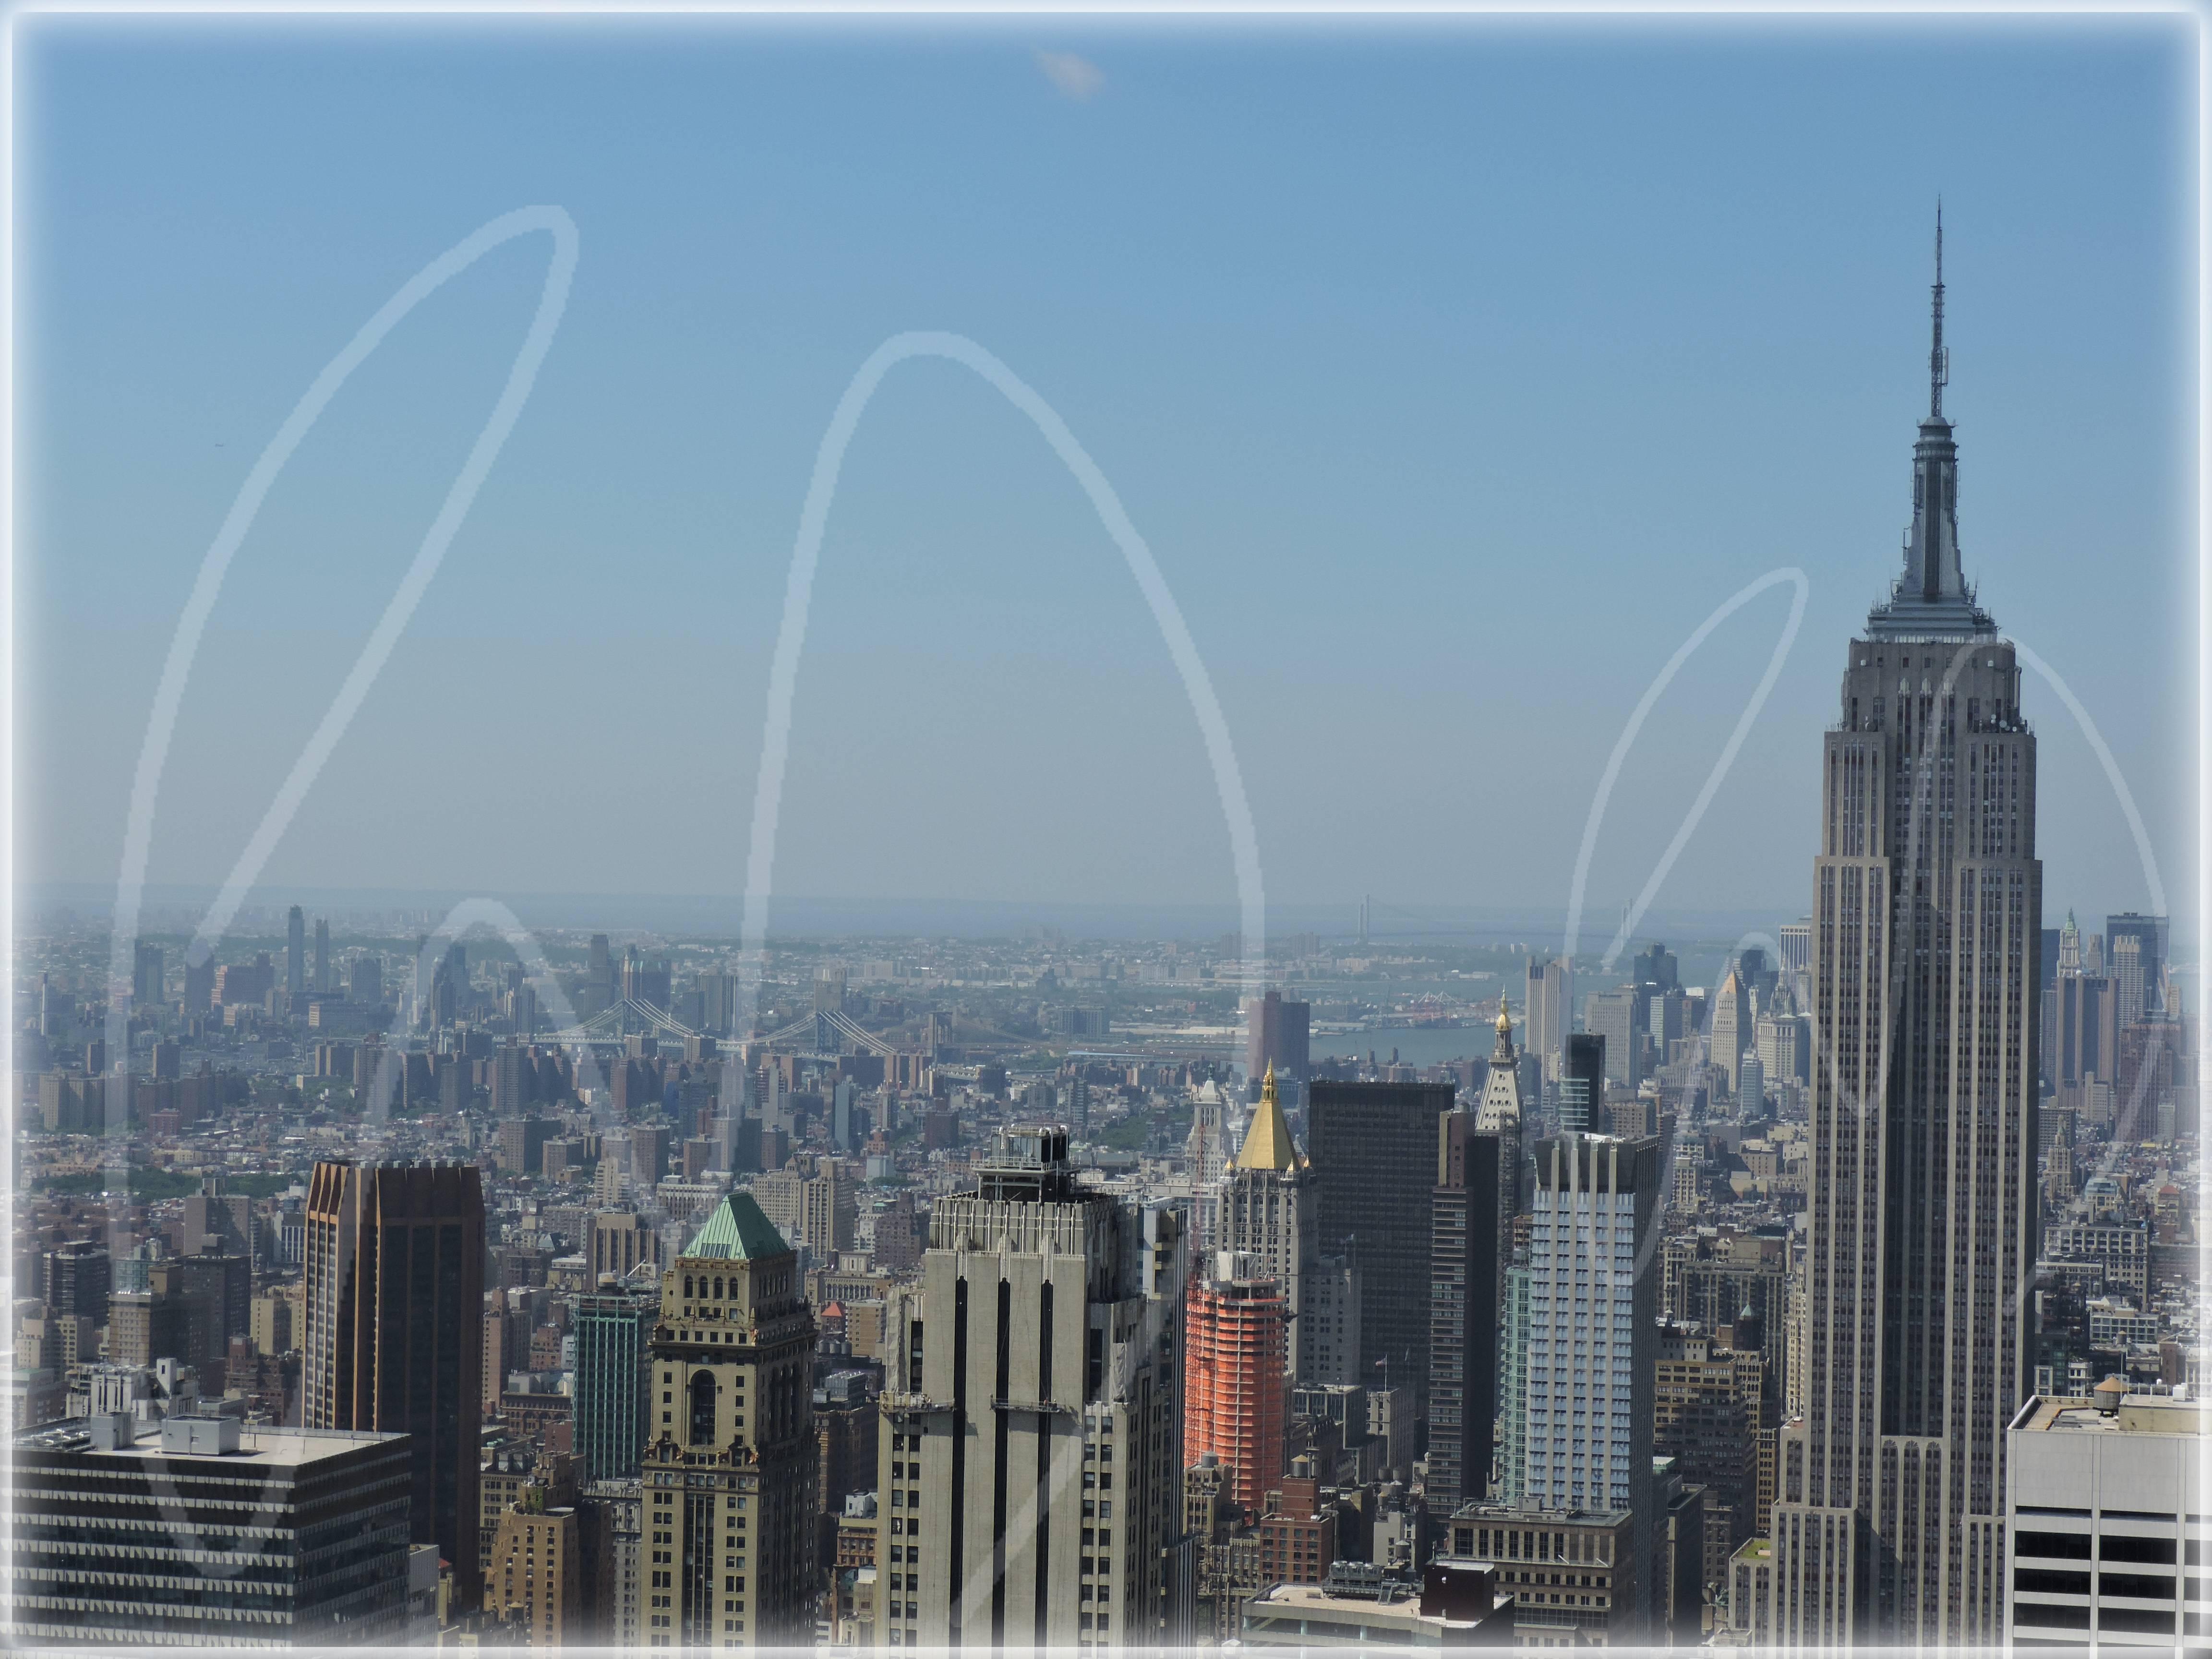 lugares más increíbles - lugar NYC